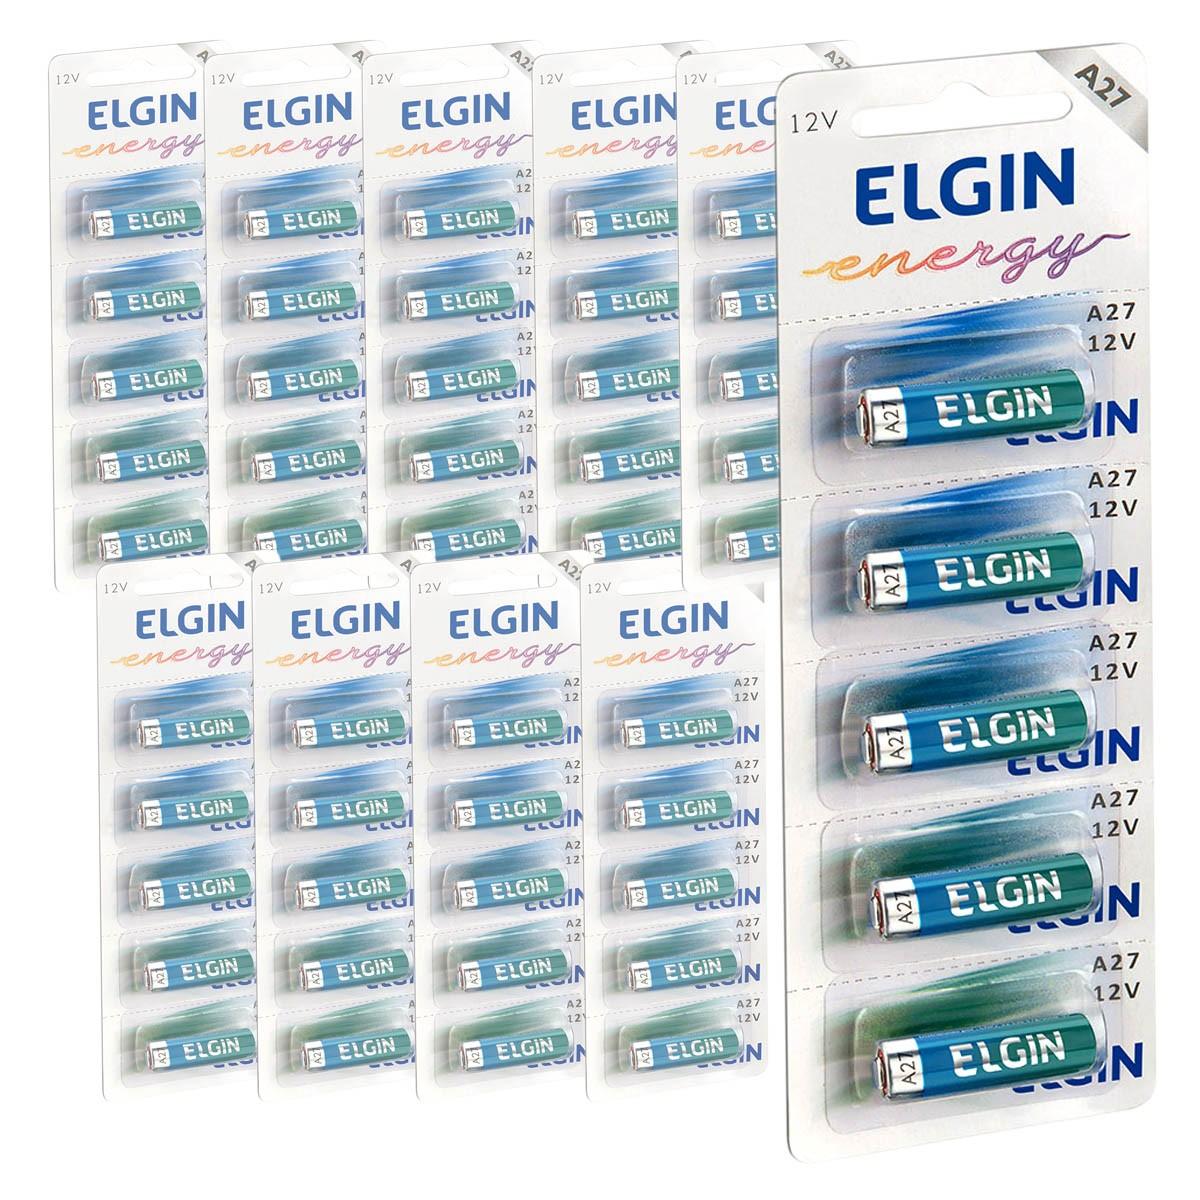 50 Pilhas Baterias ELGIN 27A 12V A27 Alcalina 10 cartelas